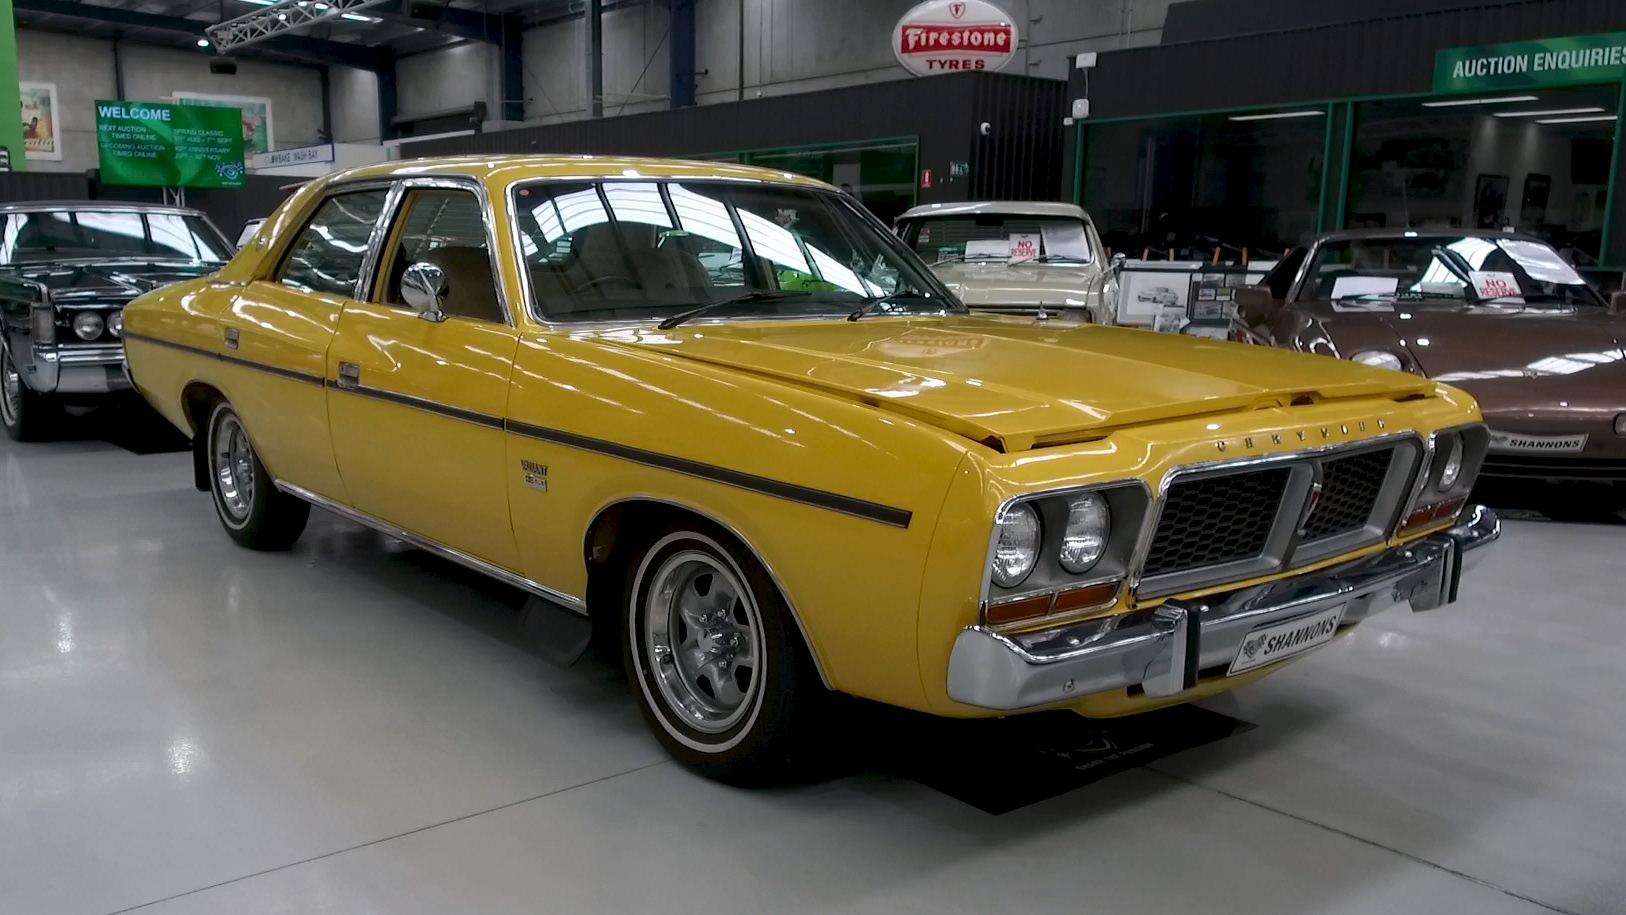 1980 Chrysler CM Valiant Sedan - 2021 Shannons Spring Timed Online Auction